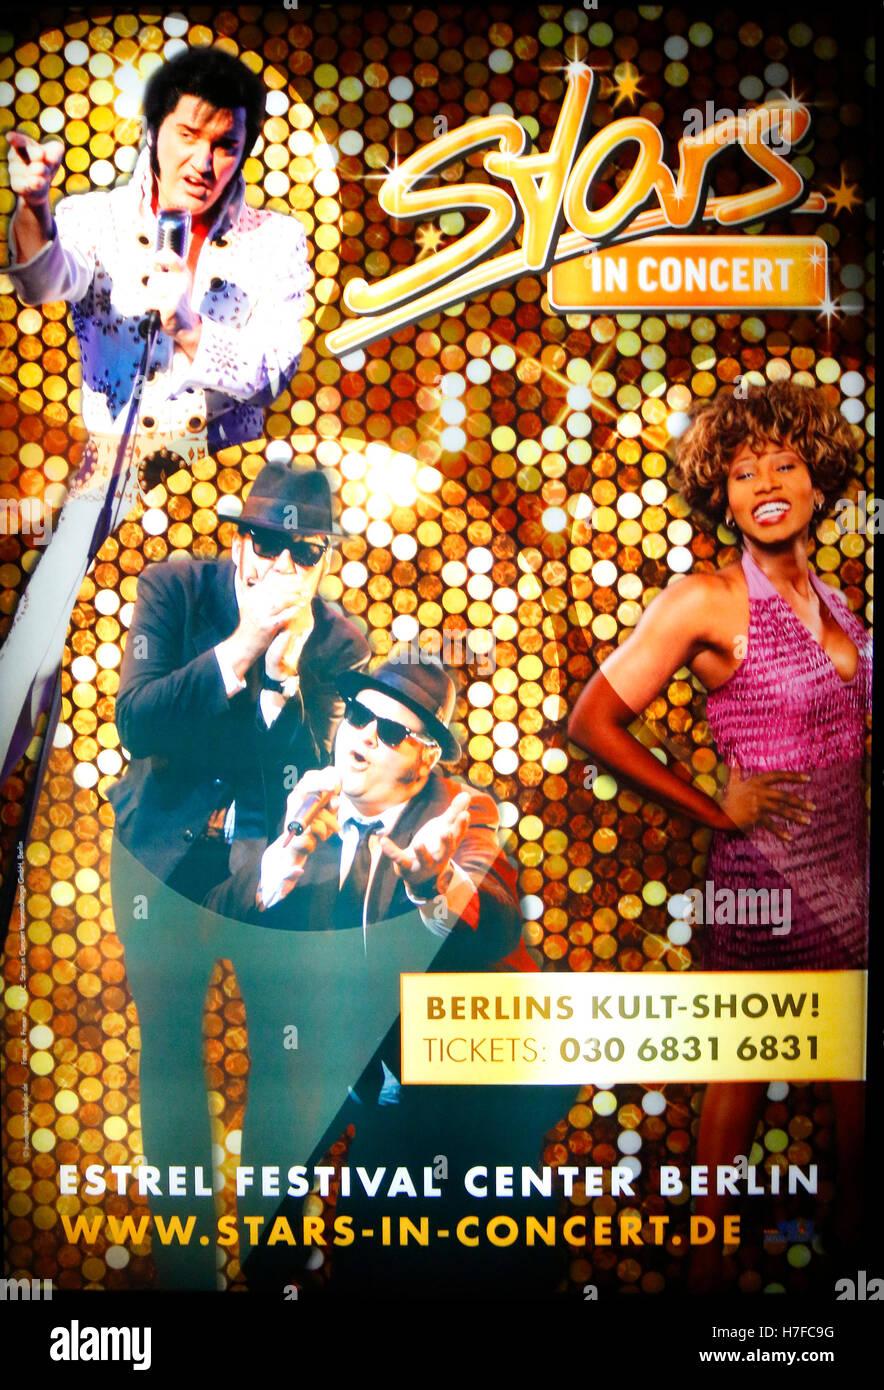 ein Plakat von 'Stars in Concert' mit Doppelgaengern von Elvis Presley, den Blues Brothers und Tina Turner, - Stock Image